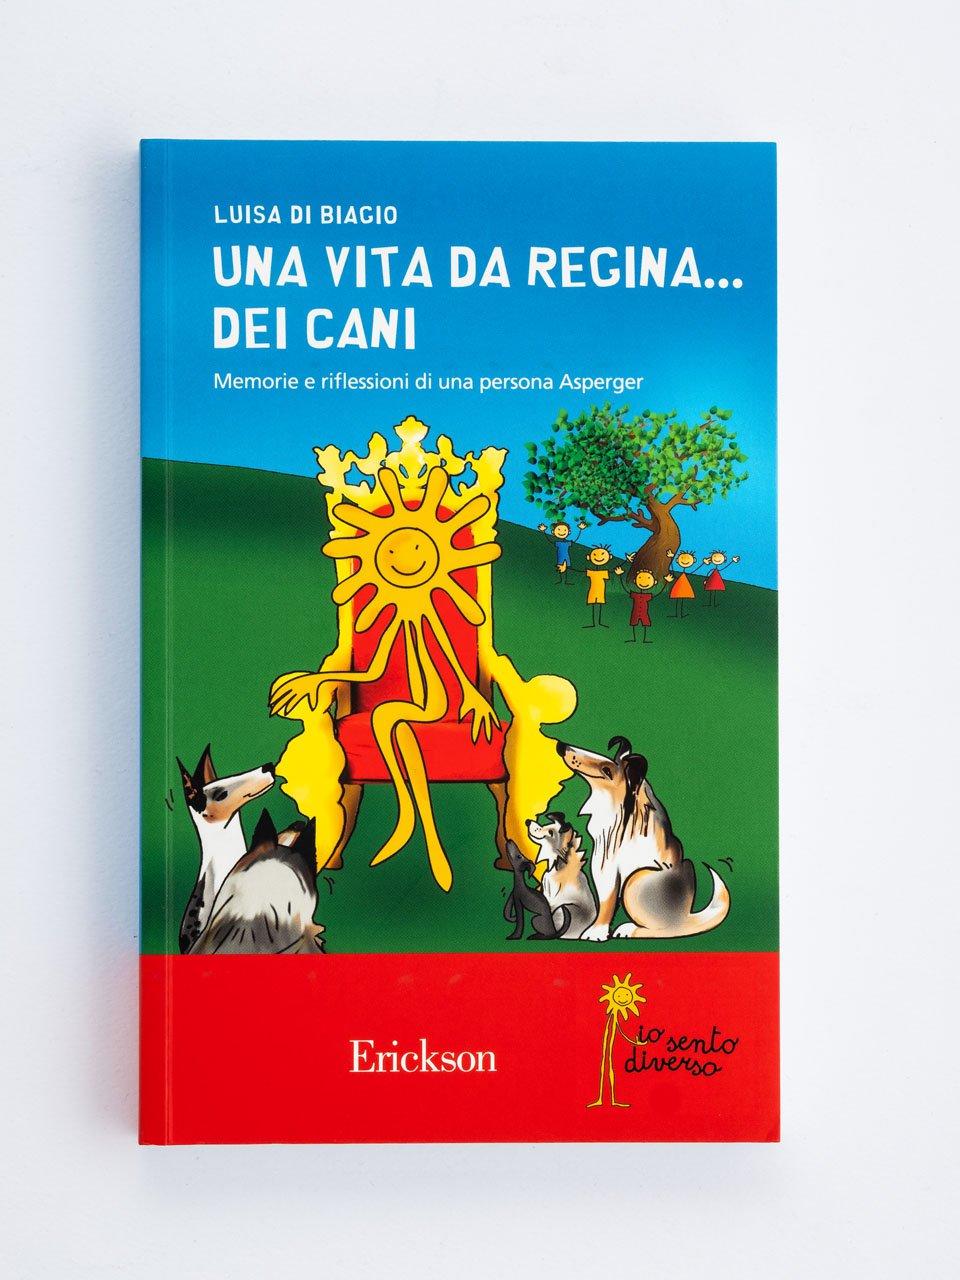 Una vita da regina... dei cani - Vedere, pensare altre cose - Libri - Erickson